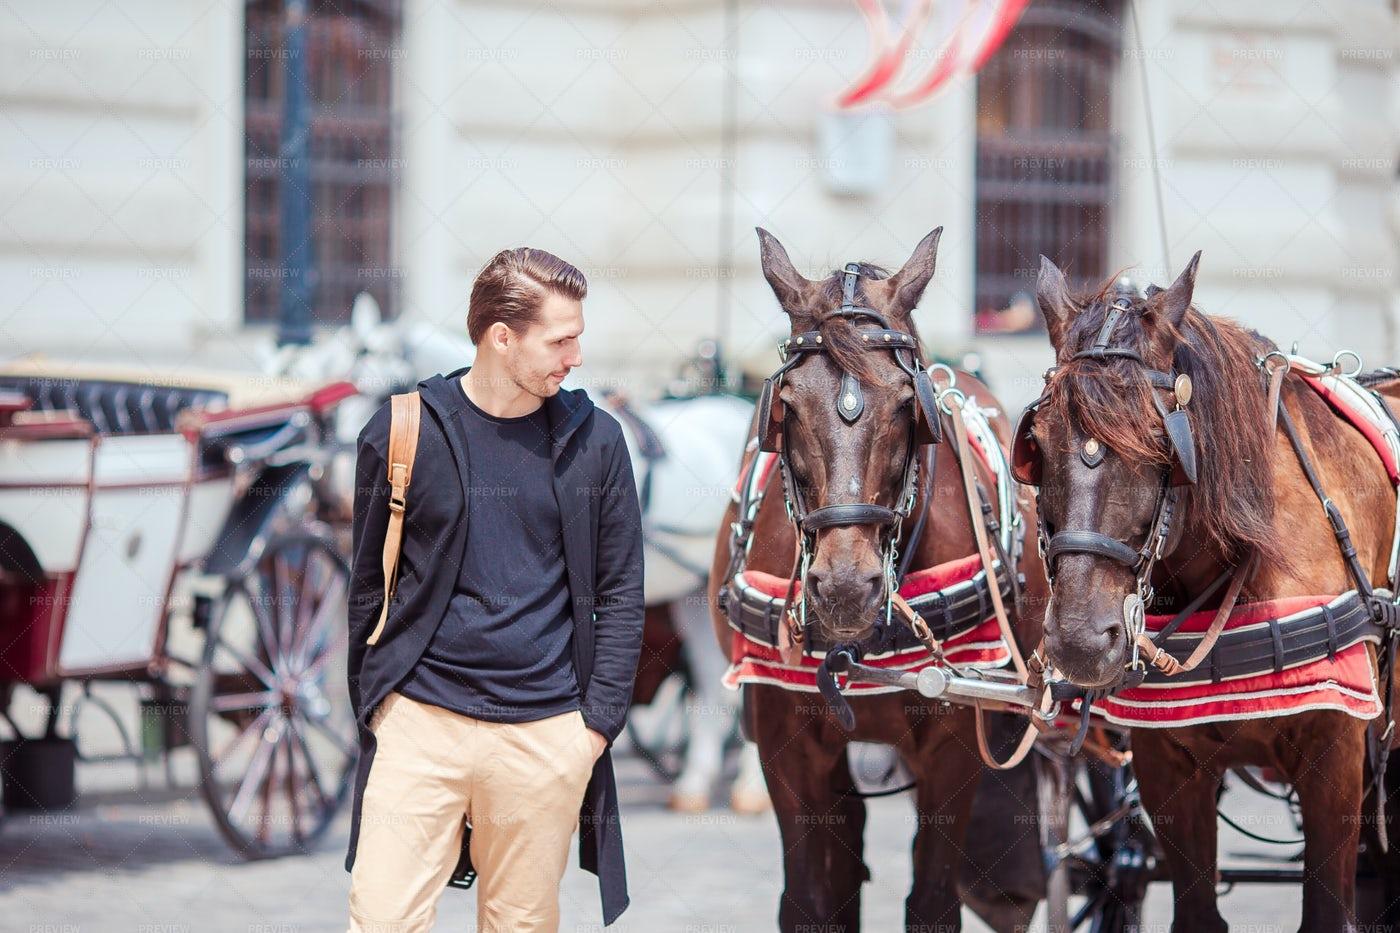 Tourist Man And Horses: Stock Photos